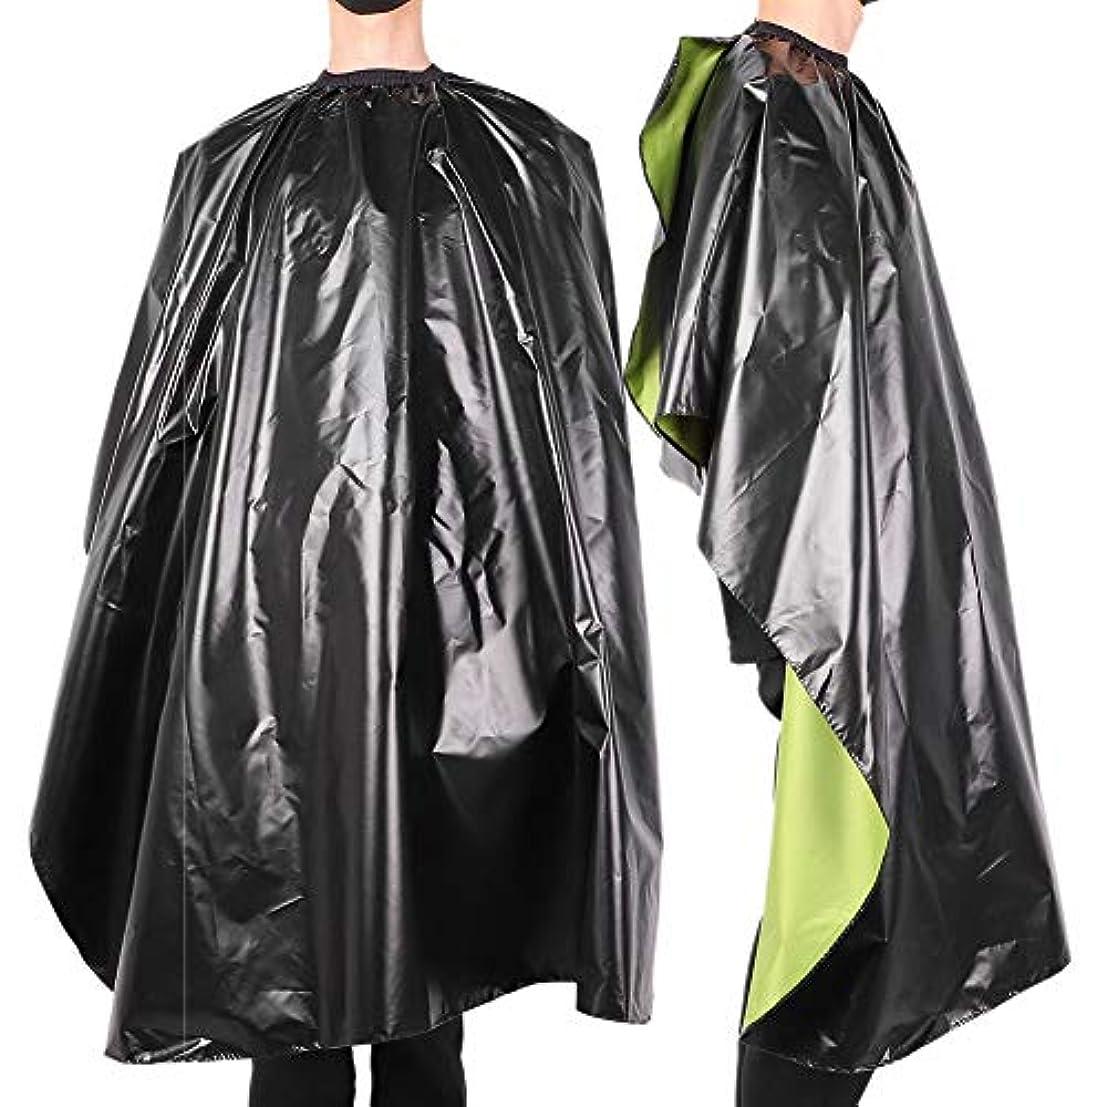 興奮脅威テレマコス防水 調整可能 サロン 散髪 ヘアスタイリングケープ-ガ ウン大人の理髪理髪師 ラップエプロン